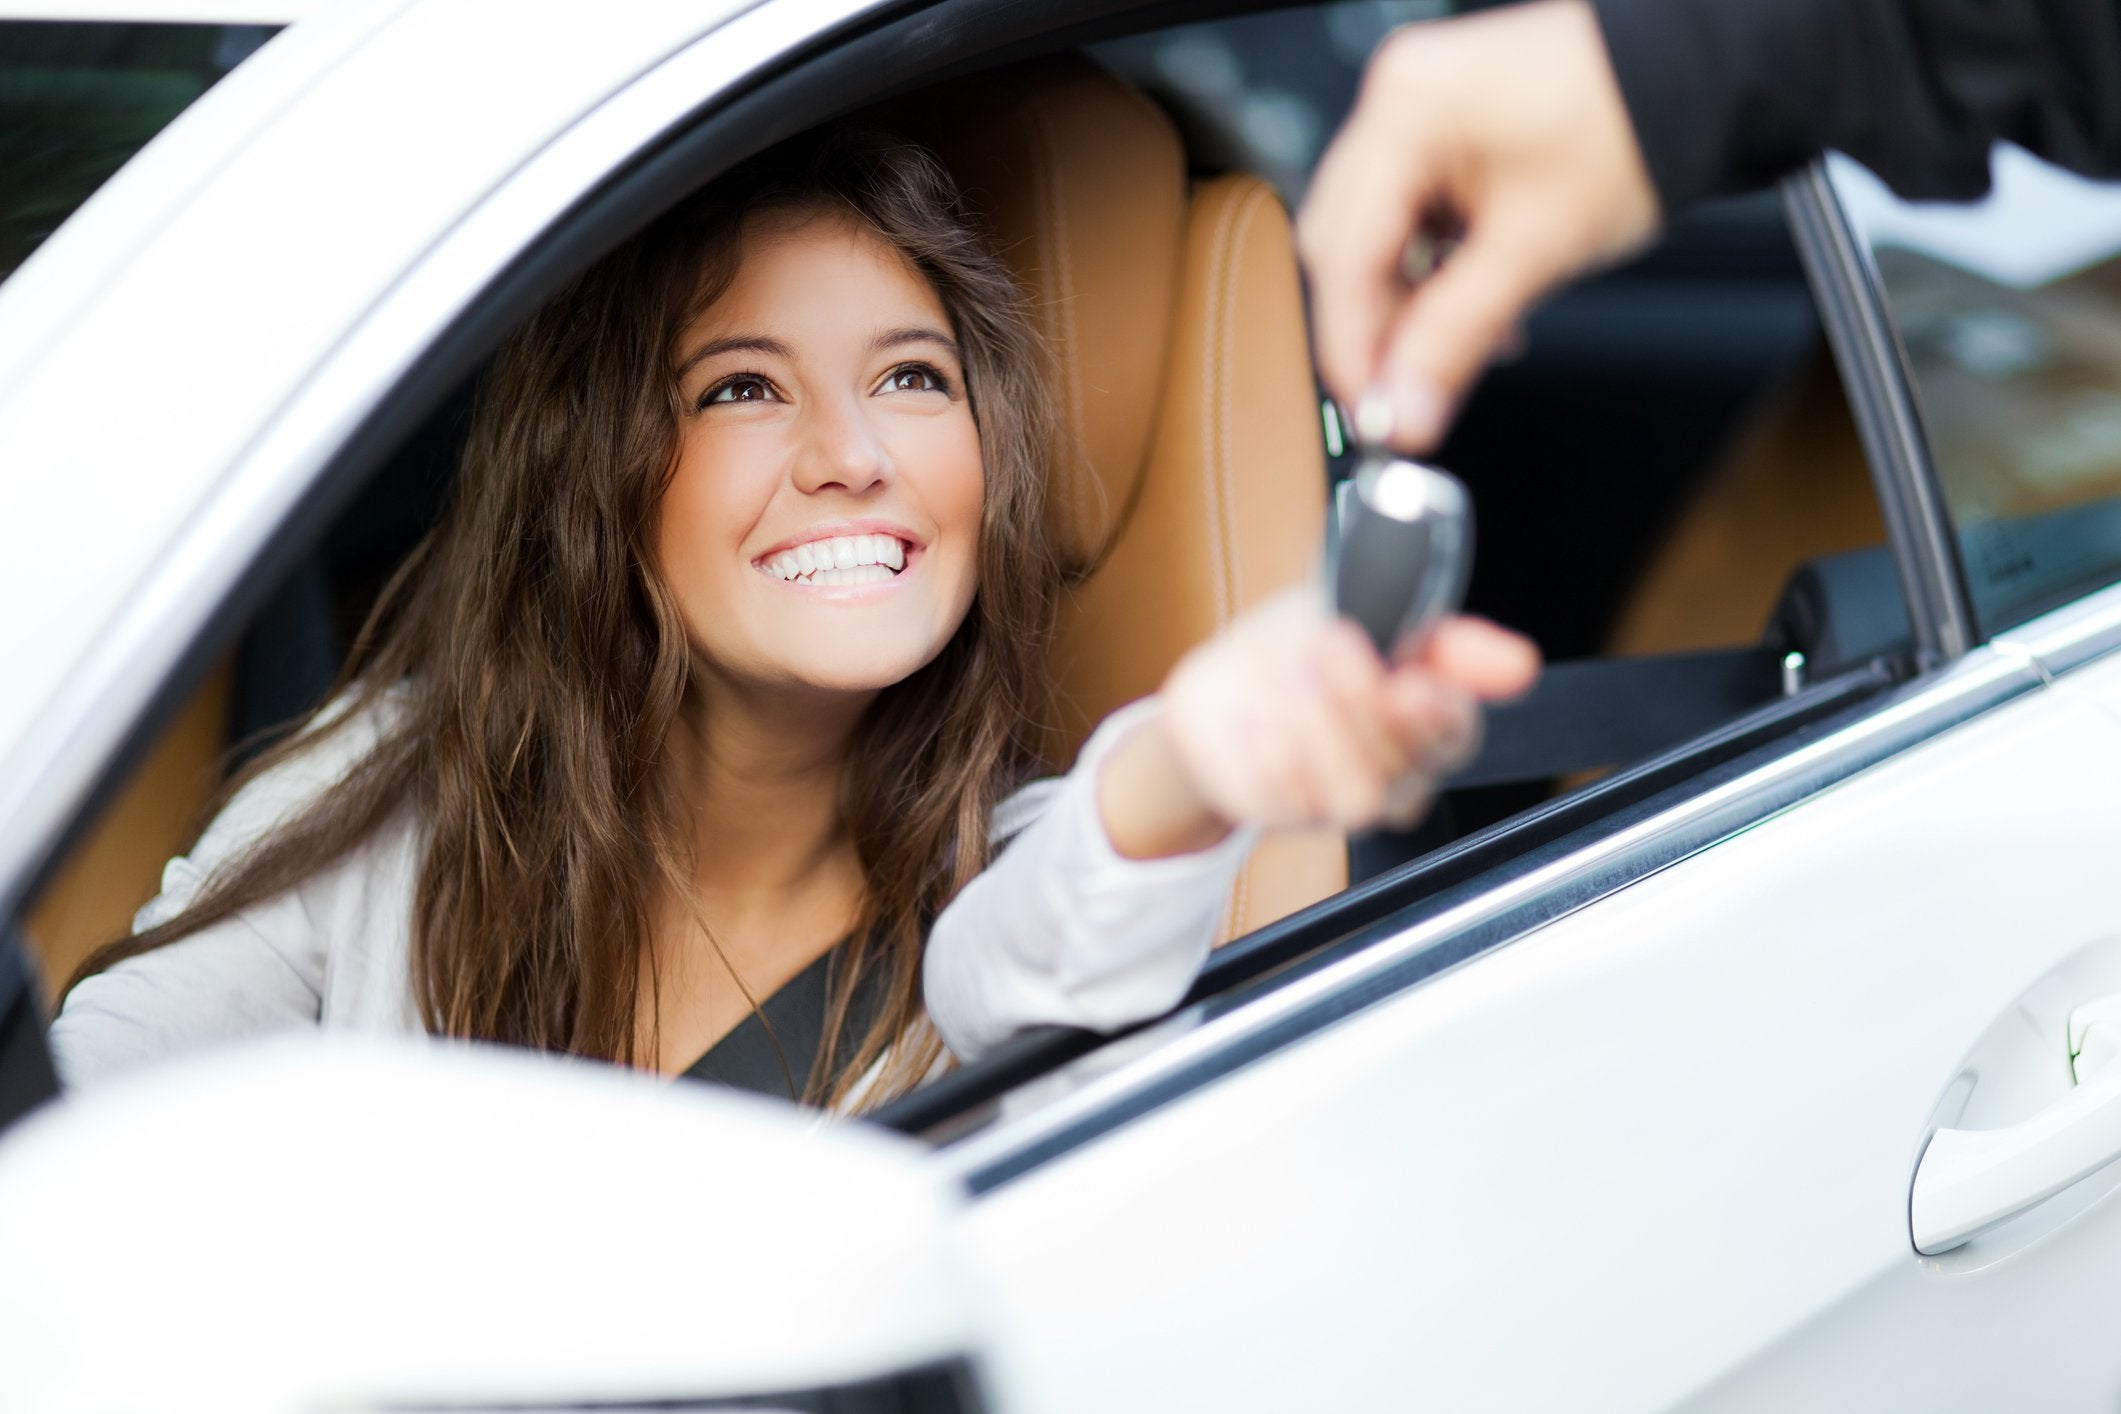 Smiling-girl-in-car.original.jpg (2121×1414)